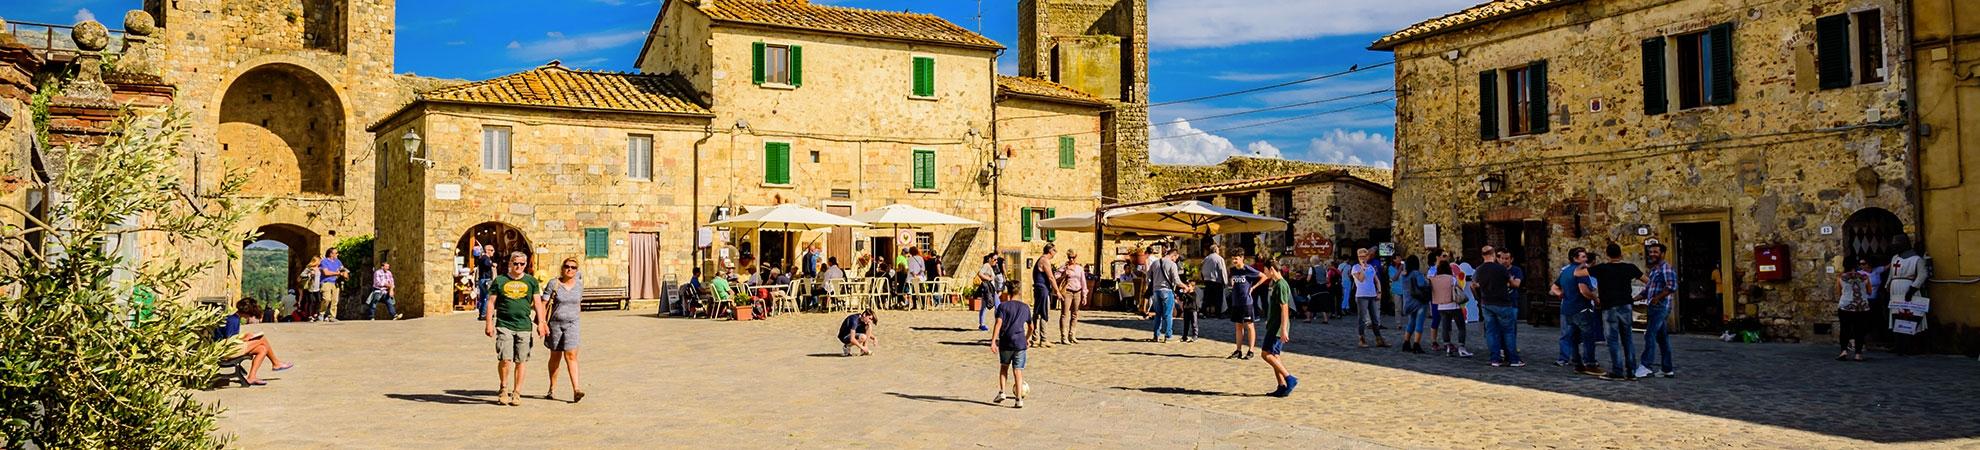 Voyage Monteriggioni